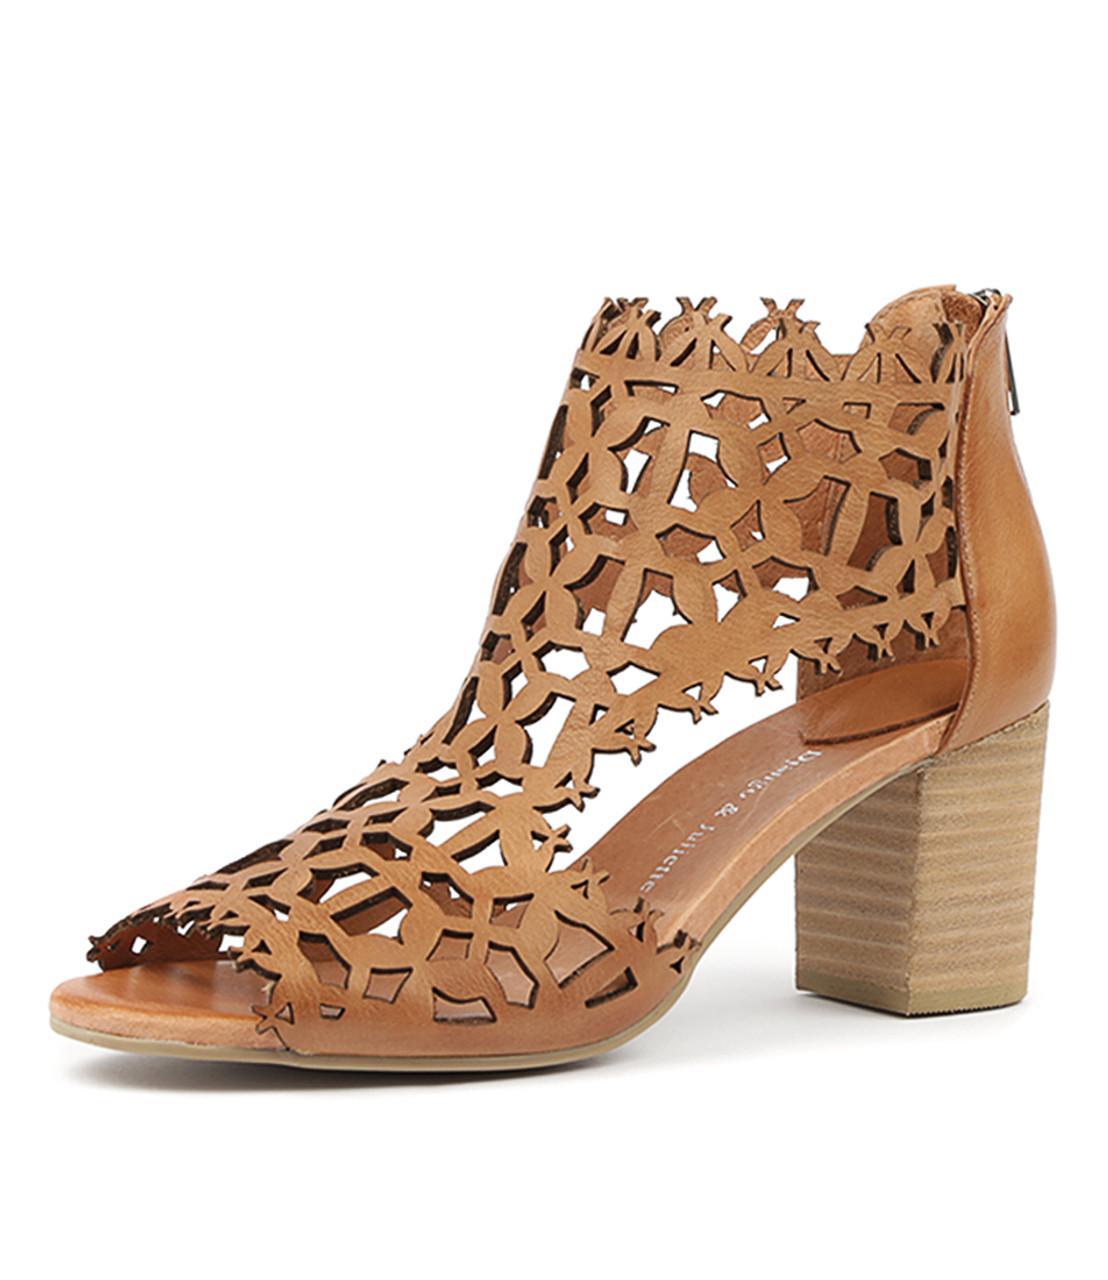 SHANON Heels Sandals Dark Tan Leather Django and Juliette